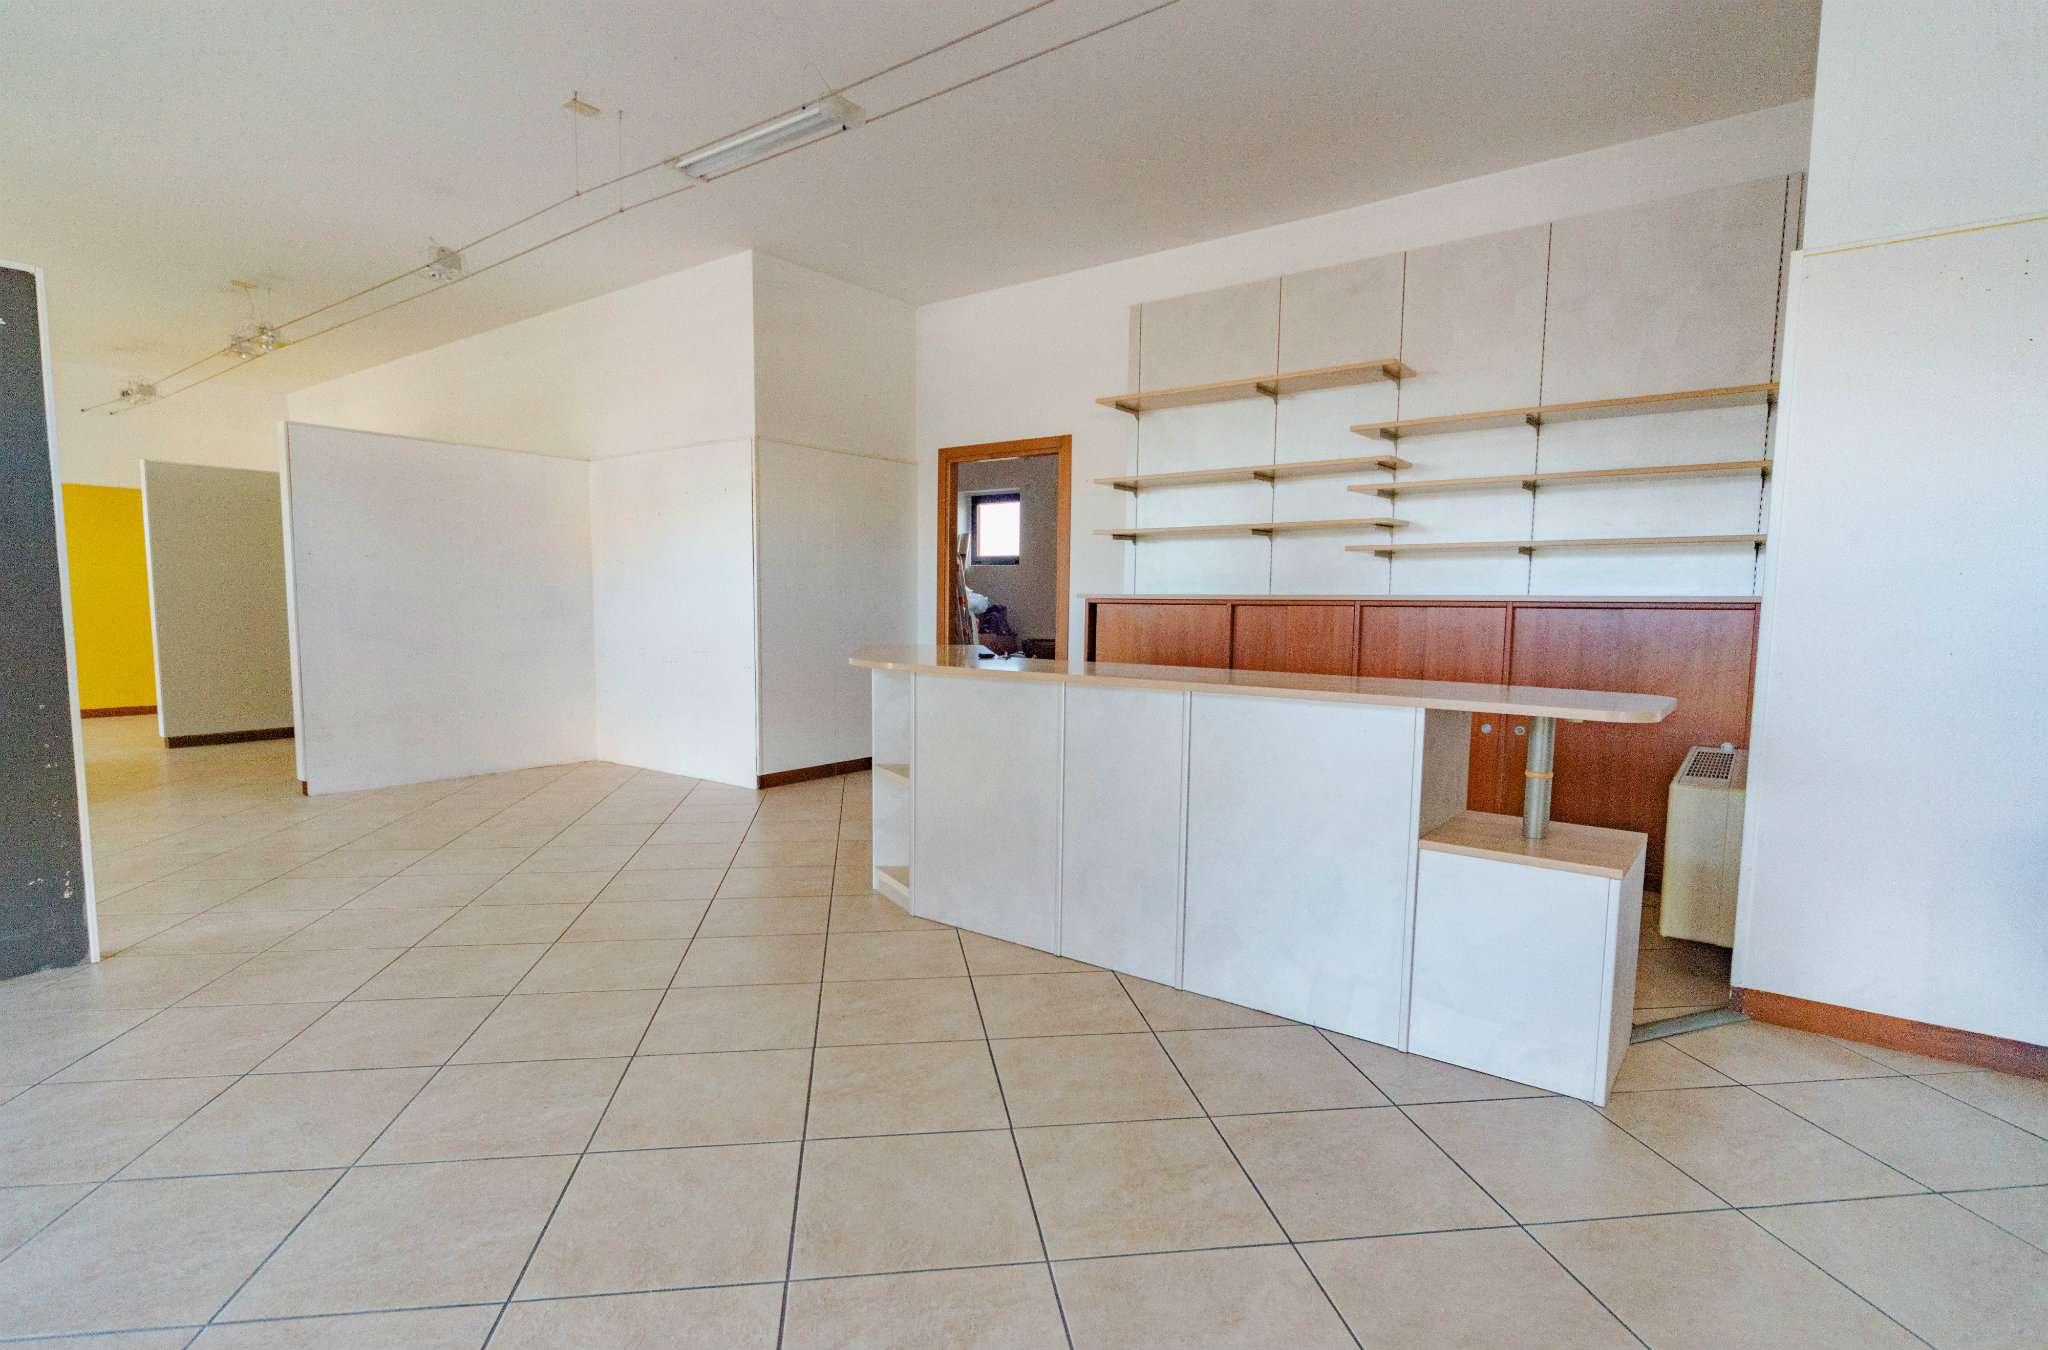 Negozio / Locale in affitto a Caraglio, 1 locali, prezzo € 800 | PortaleAgenzieImmobiliari.it